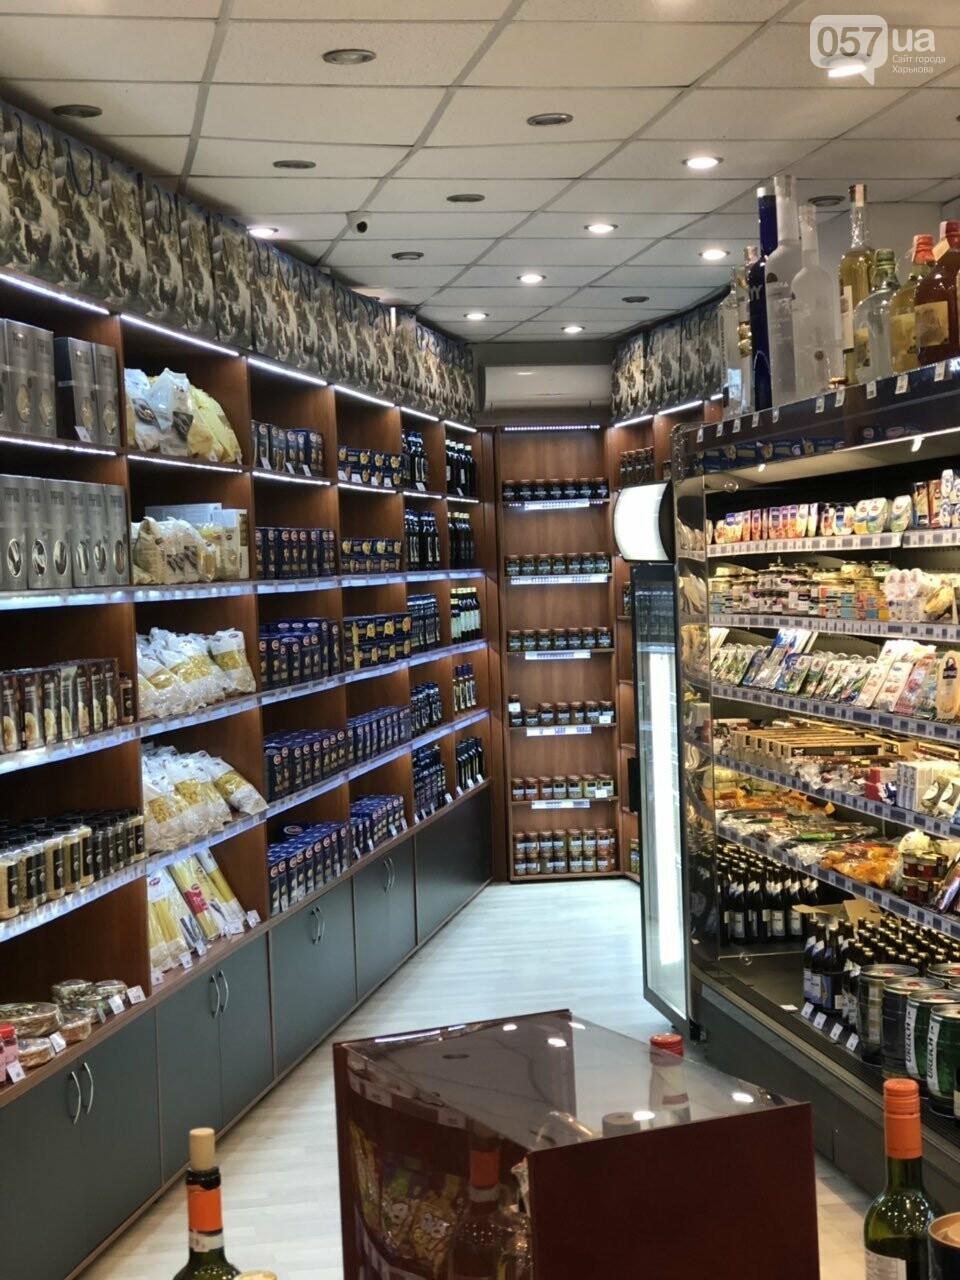 В Харькове открылся новый магазин для самых требовательных гурманов – «Вина мира», фото-4